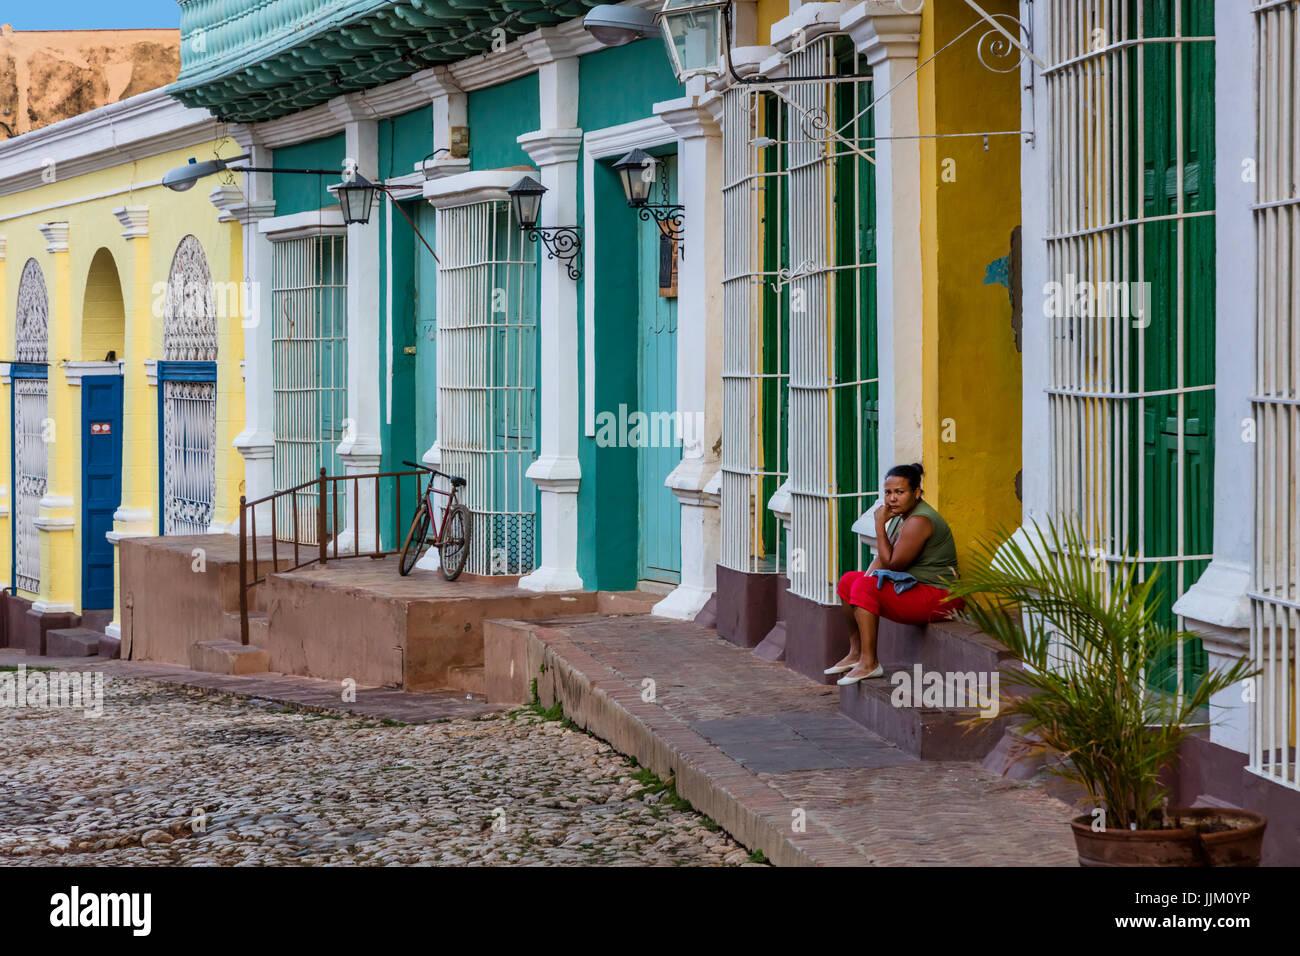 Les rues pavées, travaux en fer forgé et maisons colorées de Trinidad, Cuba Photo Stock